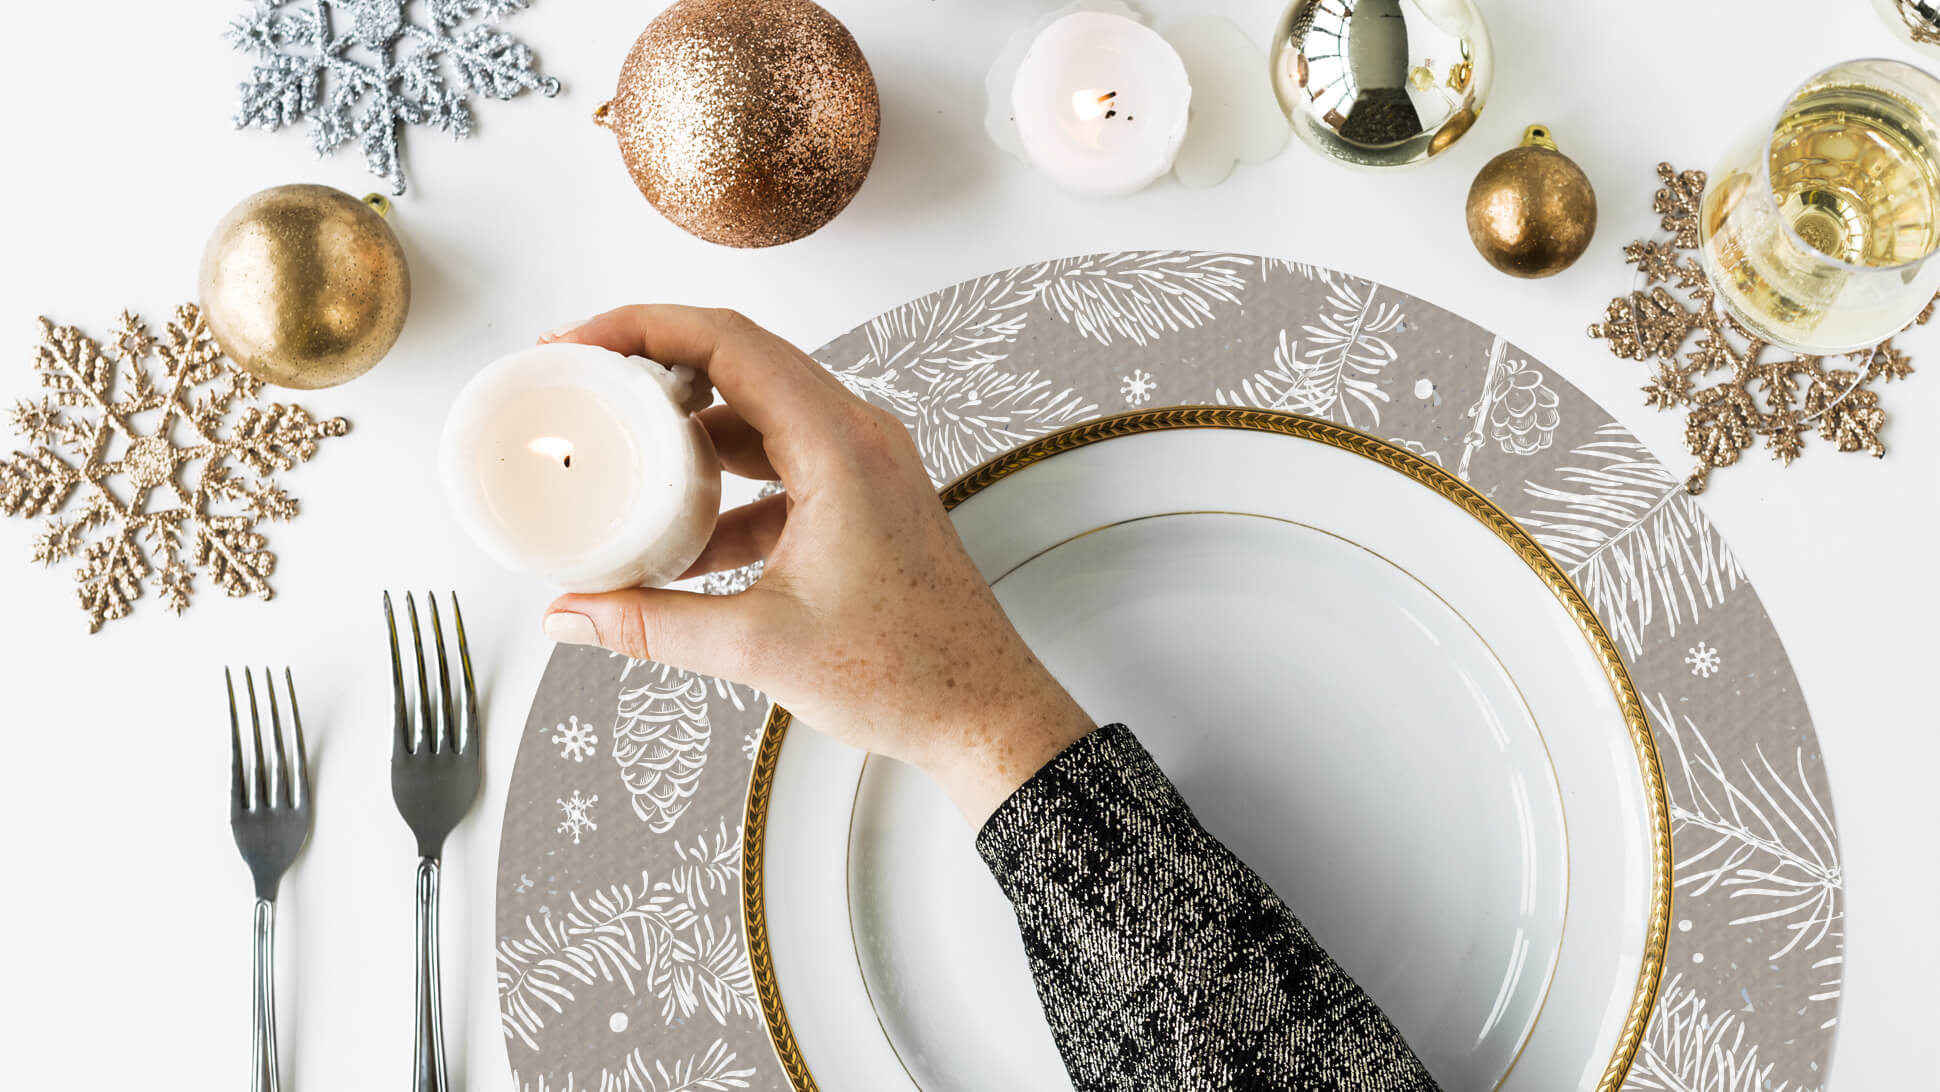 tovaglietta tonda color tortora con decorazioni natalizie | tictac.it